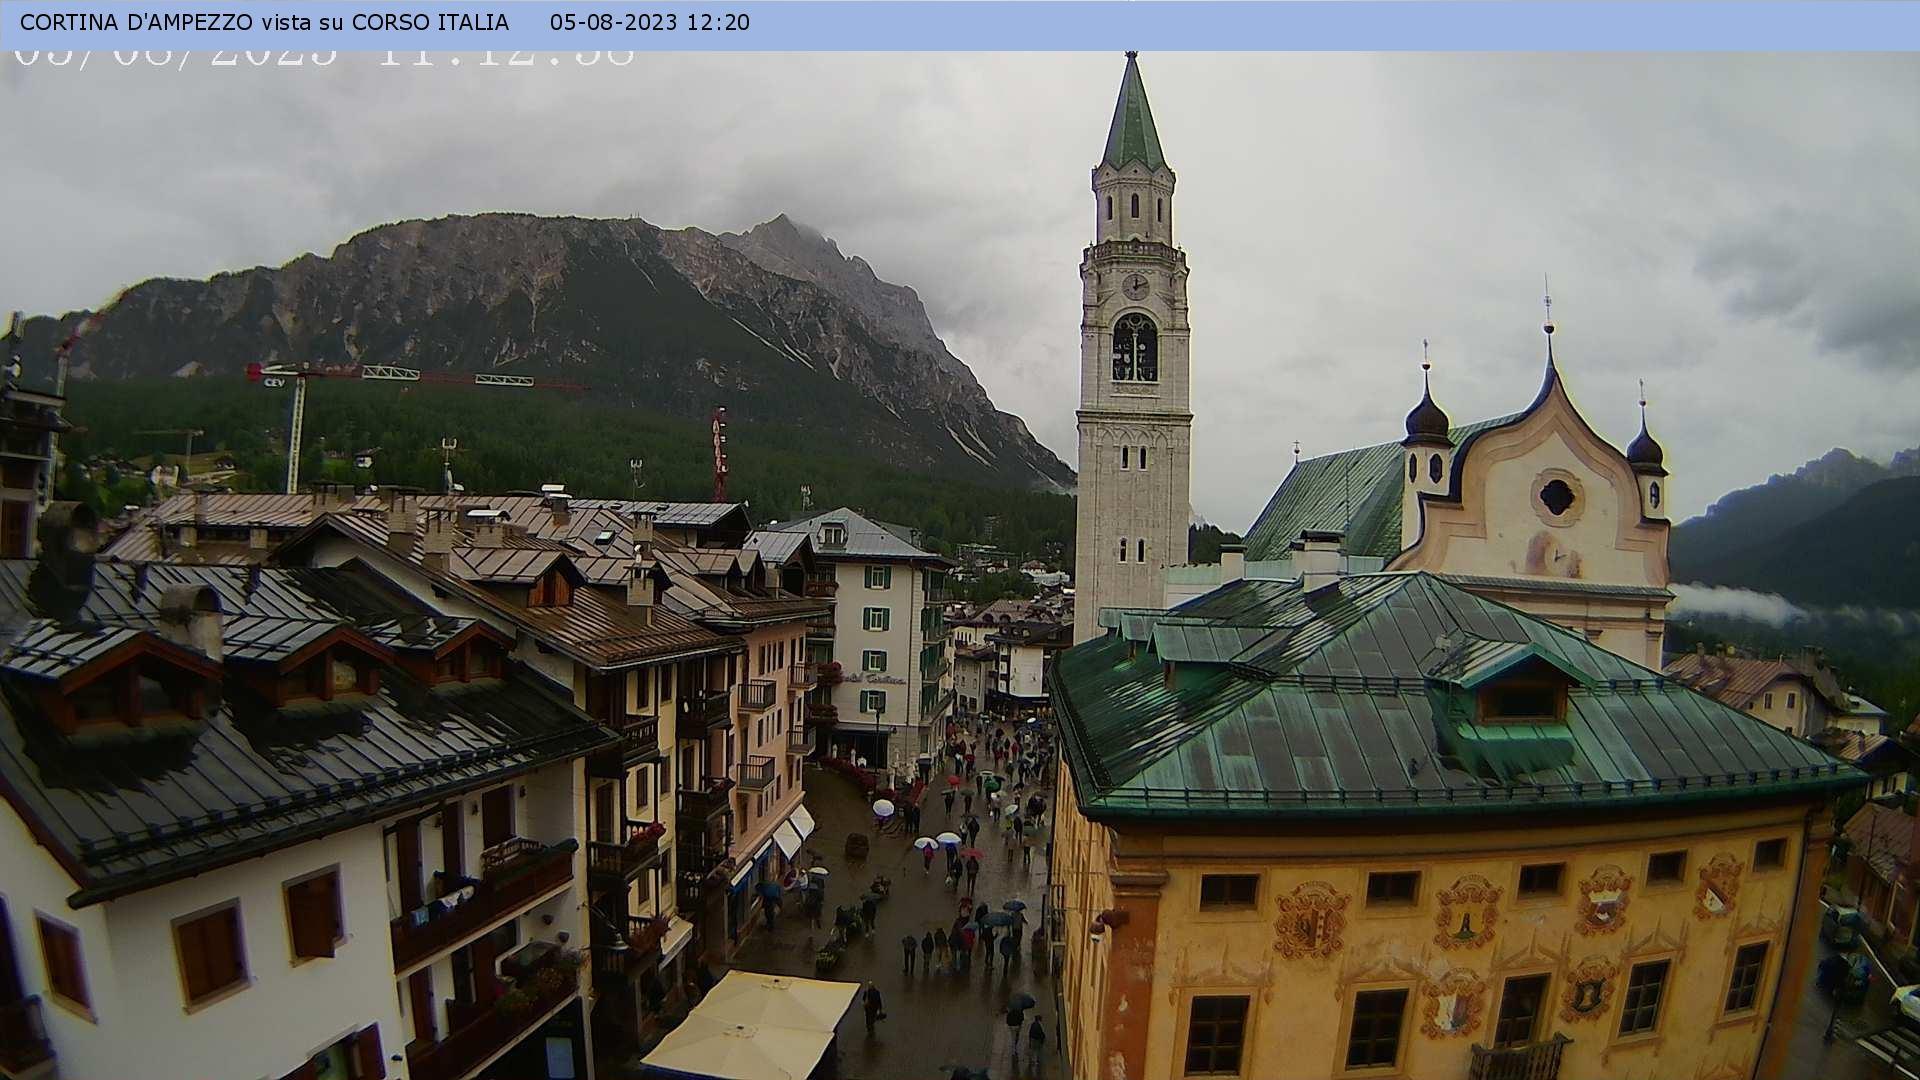 Webcam Pedestrian Zone Corso Italia 1198 M Belluno